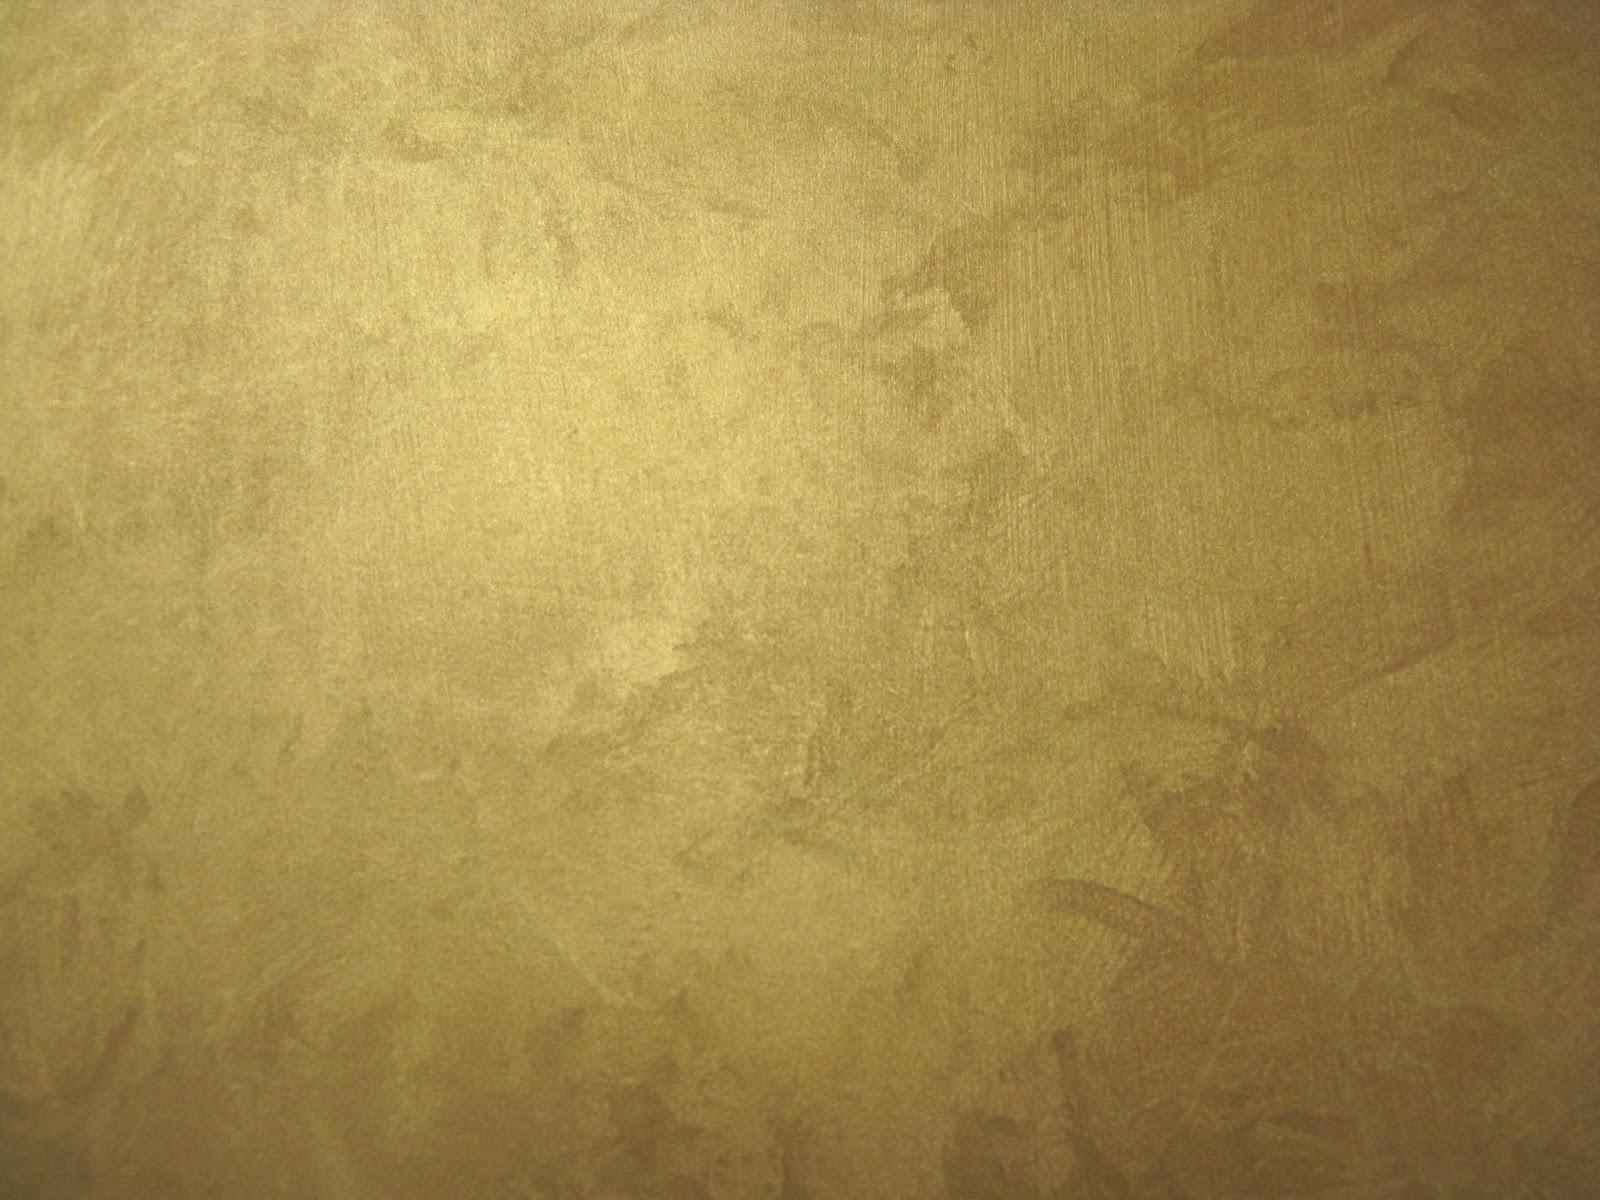 Edil restauro cagliari stucchi veneziani intonaci for Stucco veneziano argento